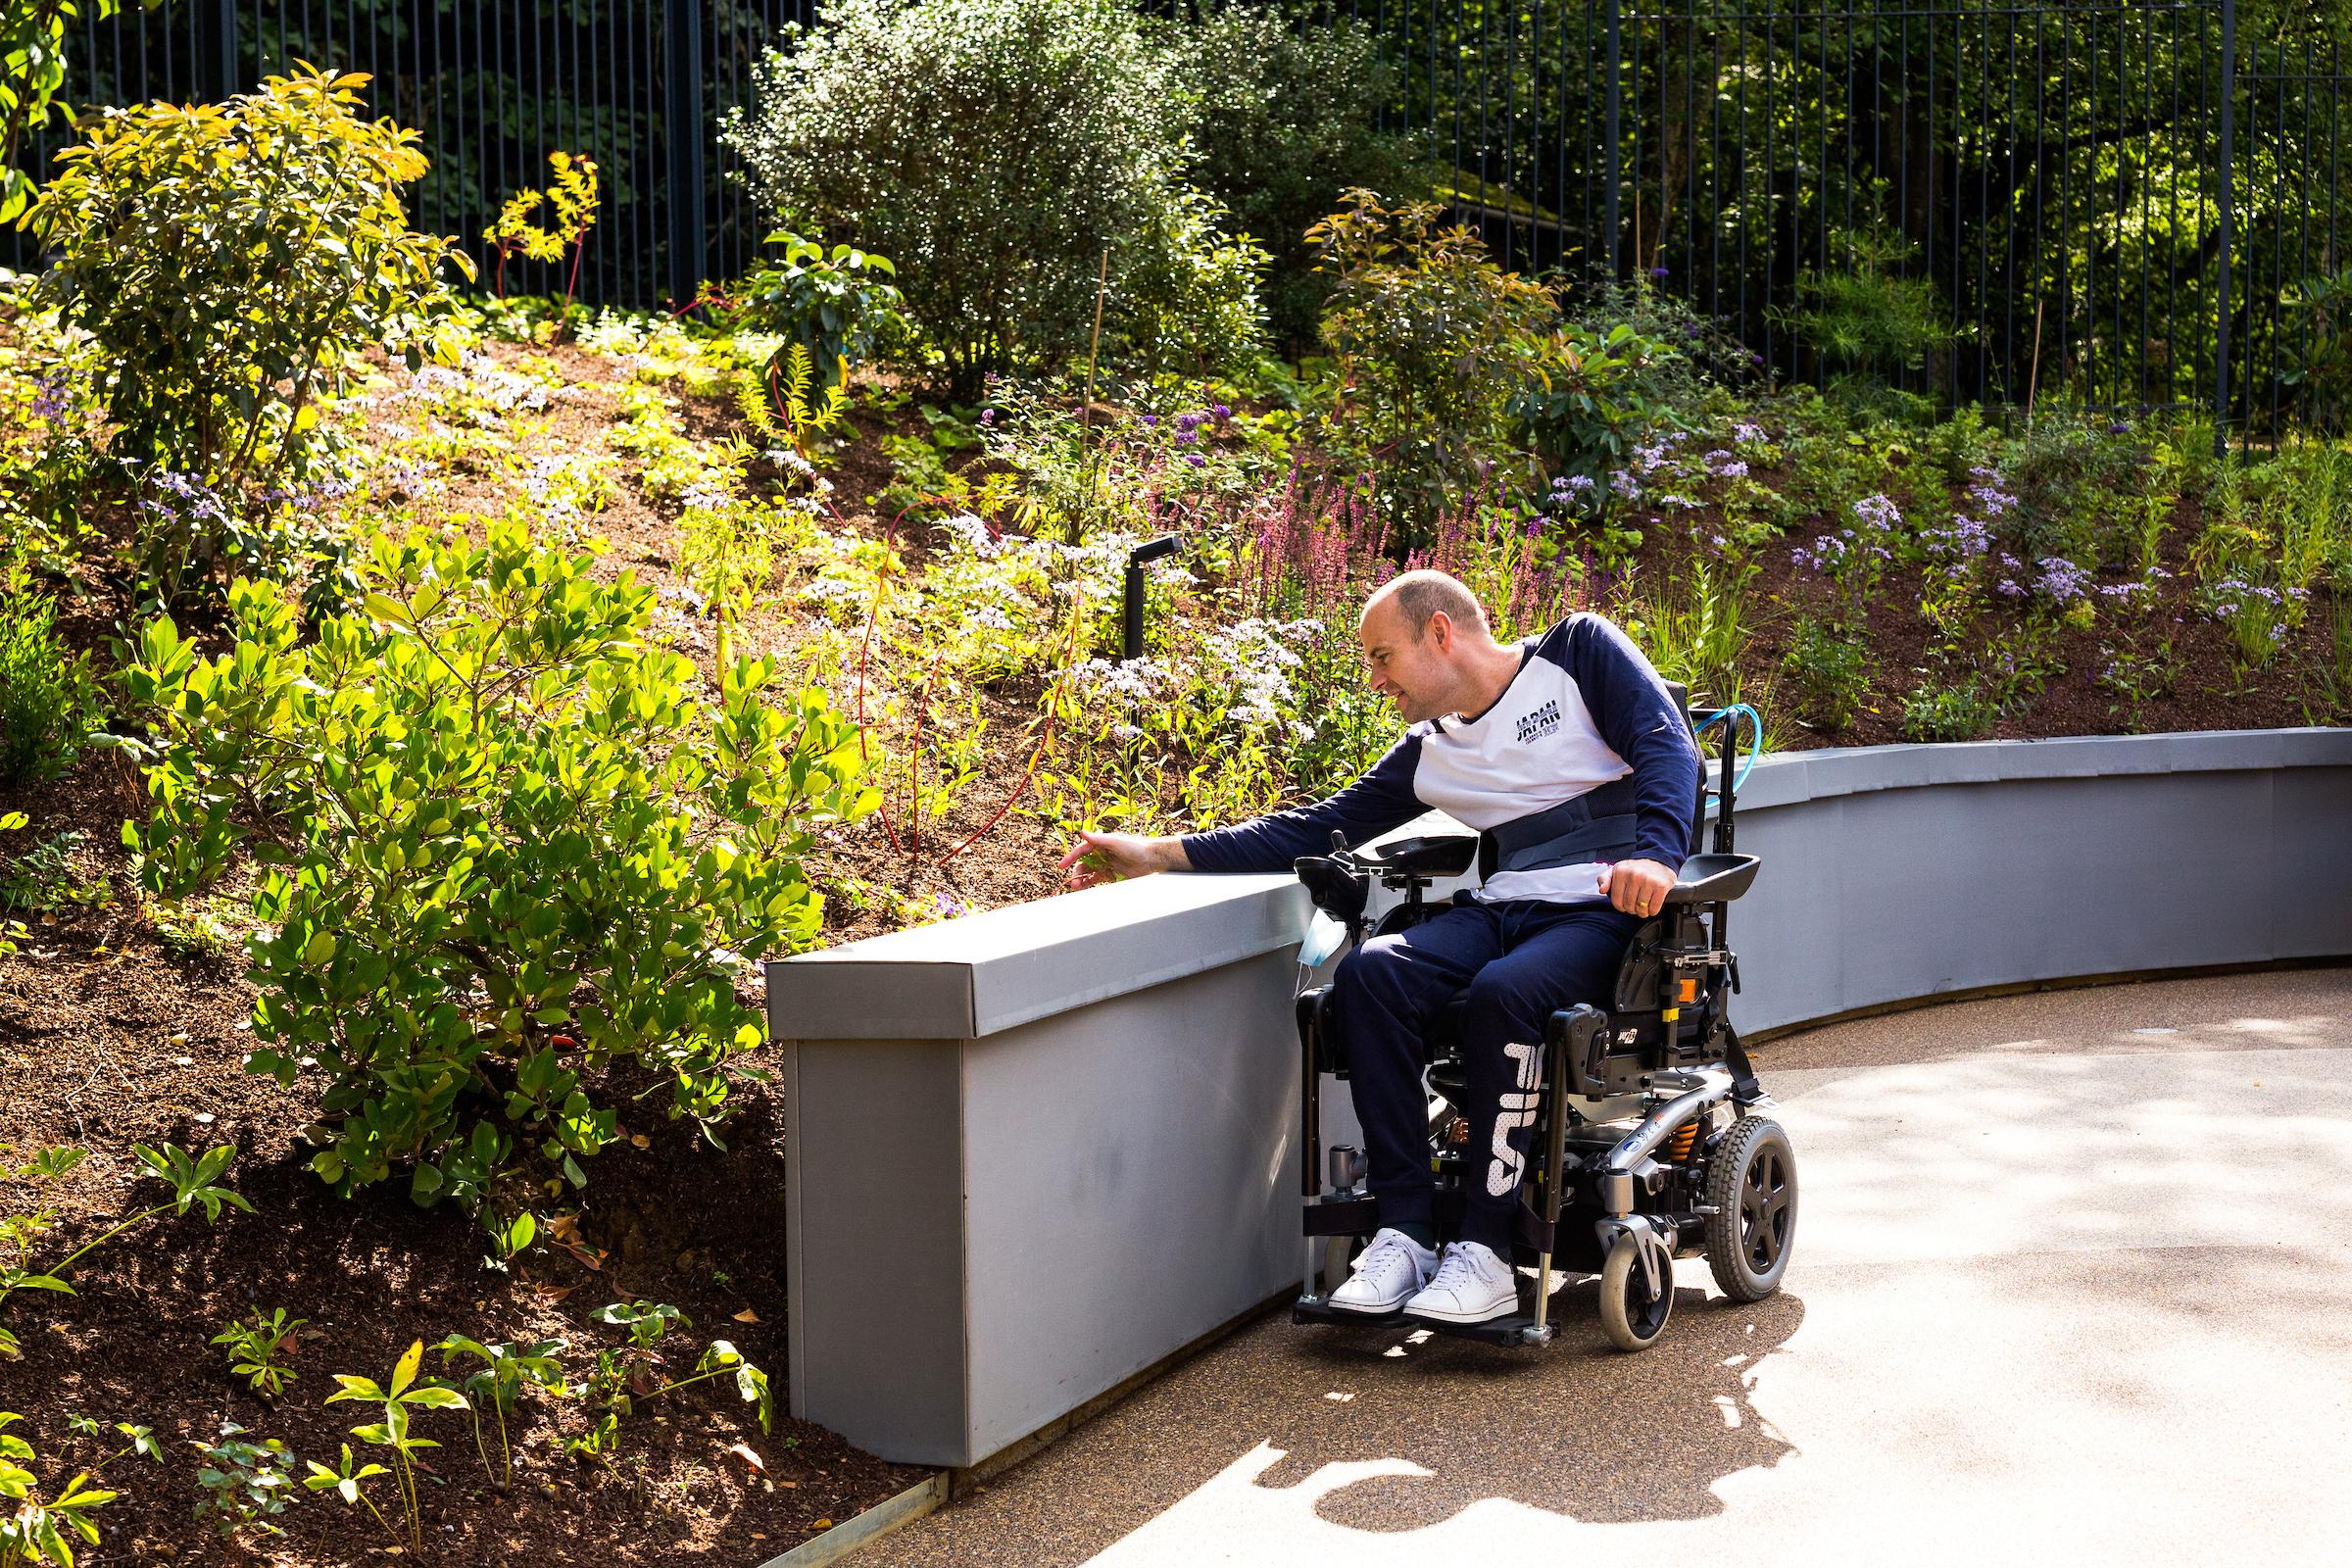 Patient in London garden